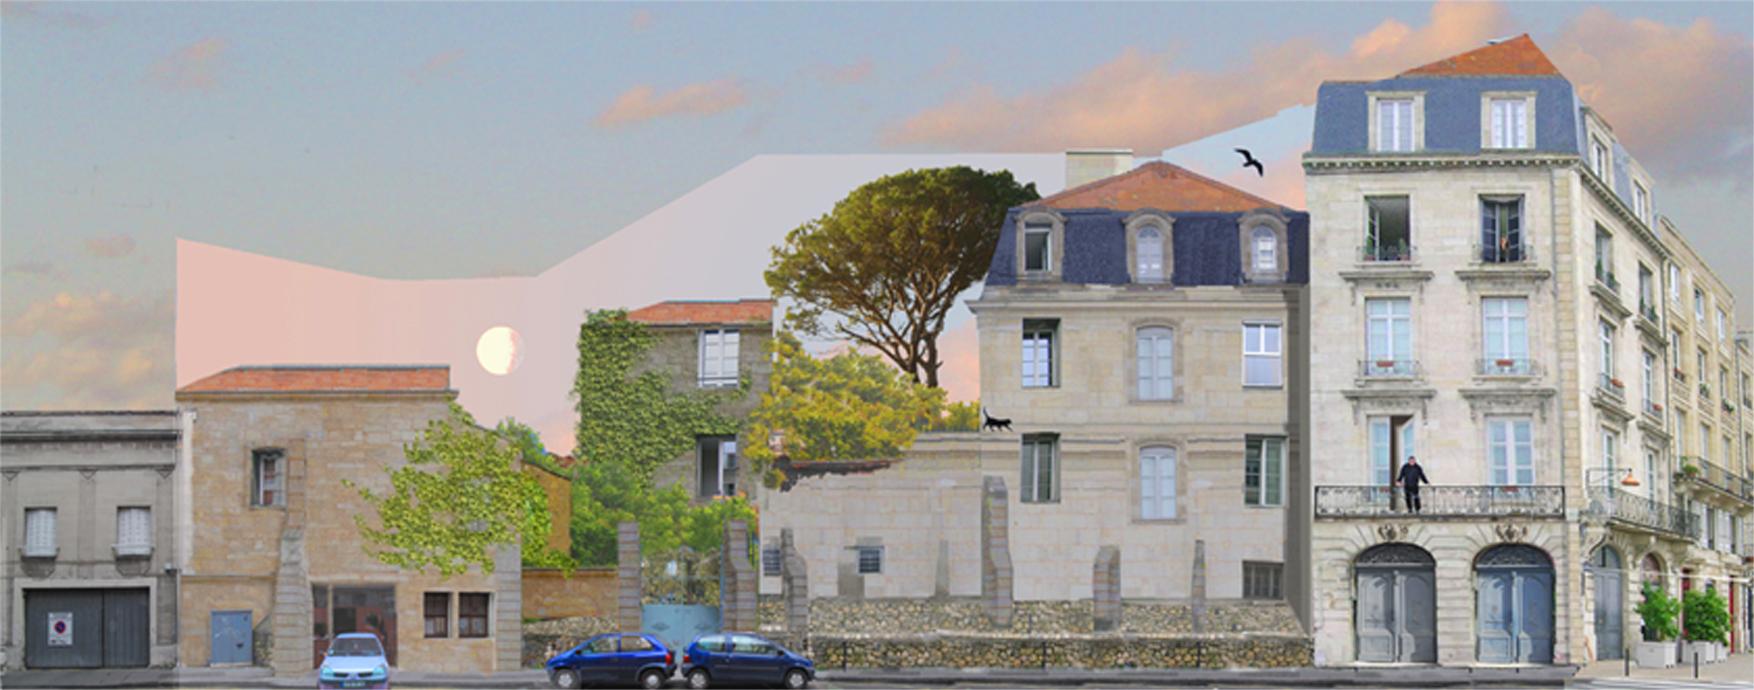 Cours Martinique Bordeaux-mur peint-Concept